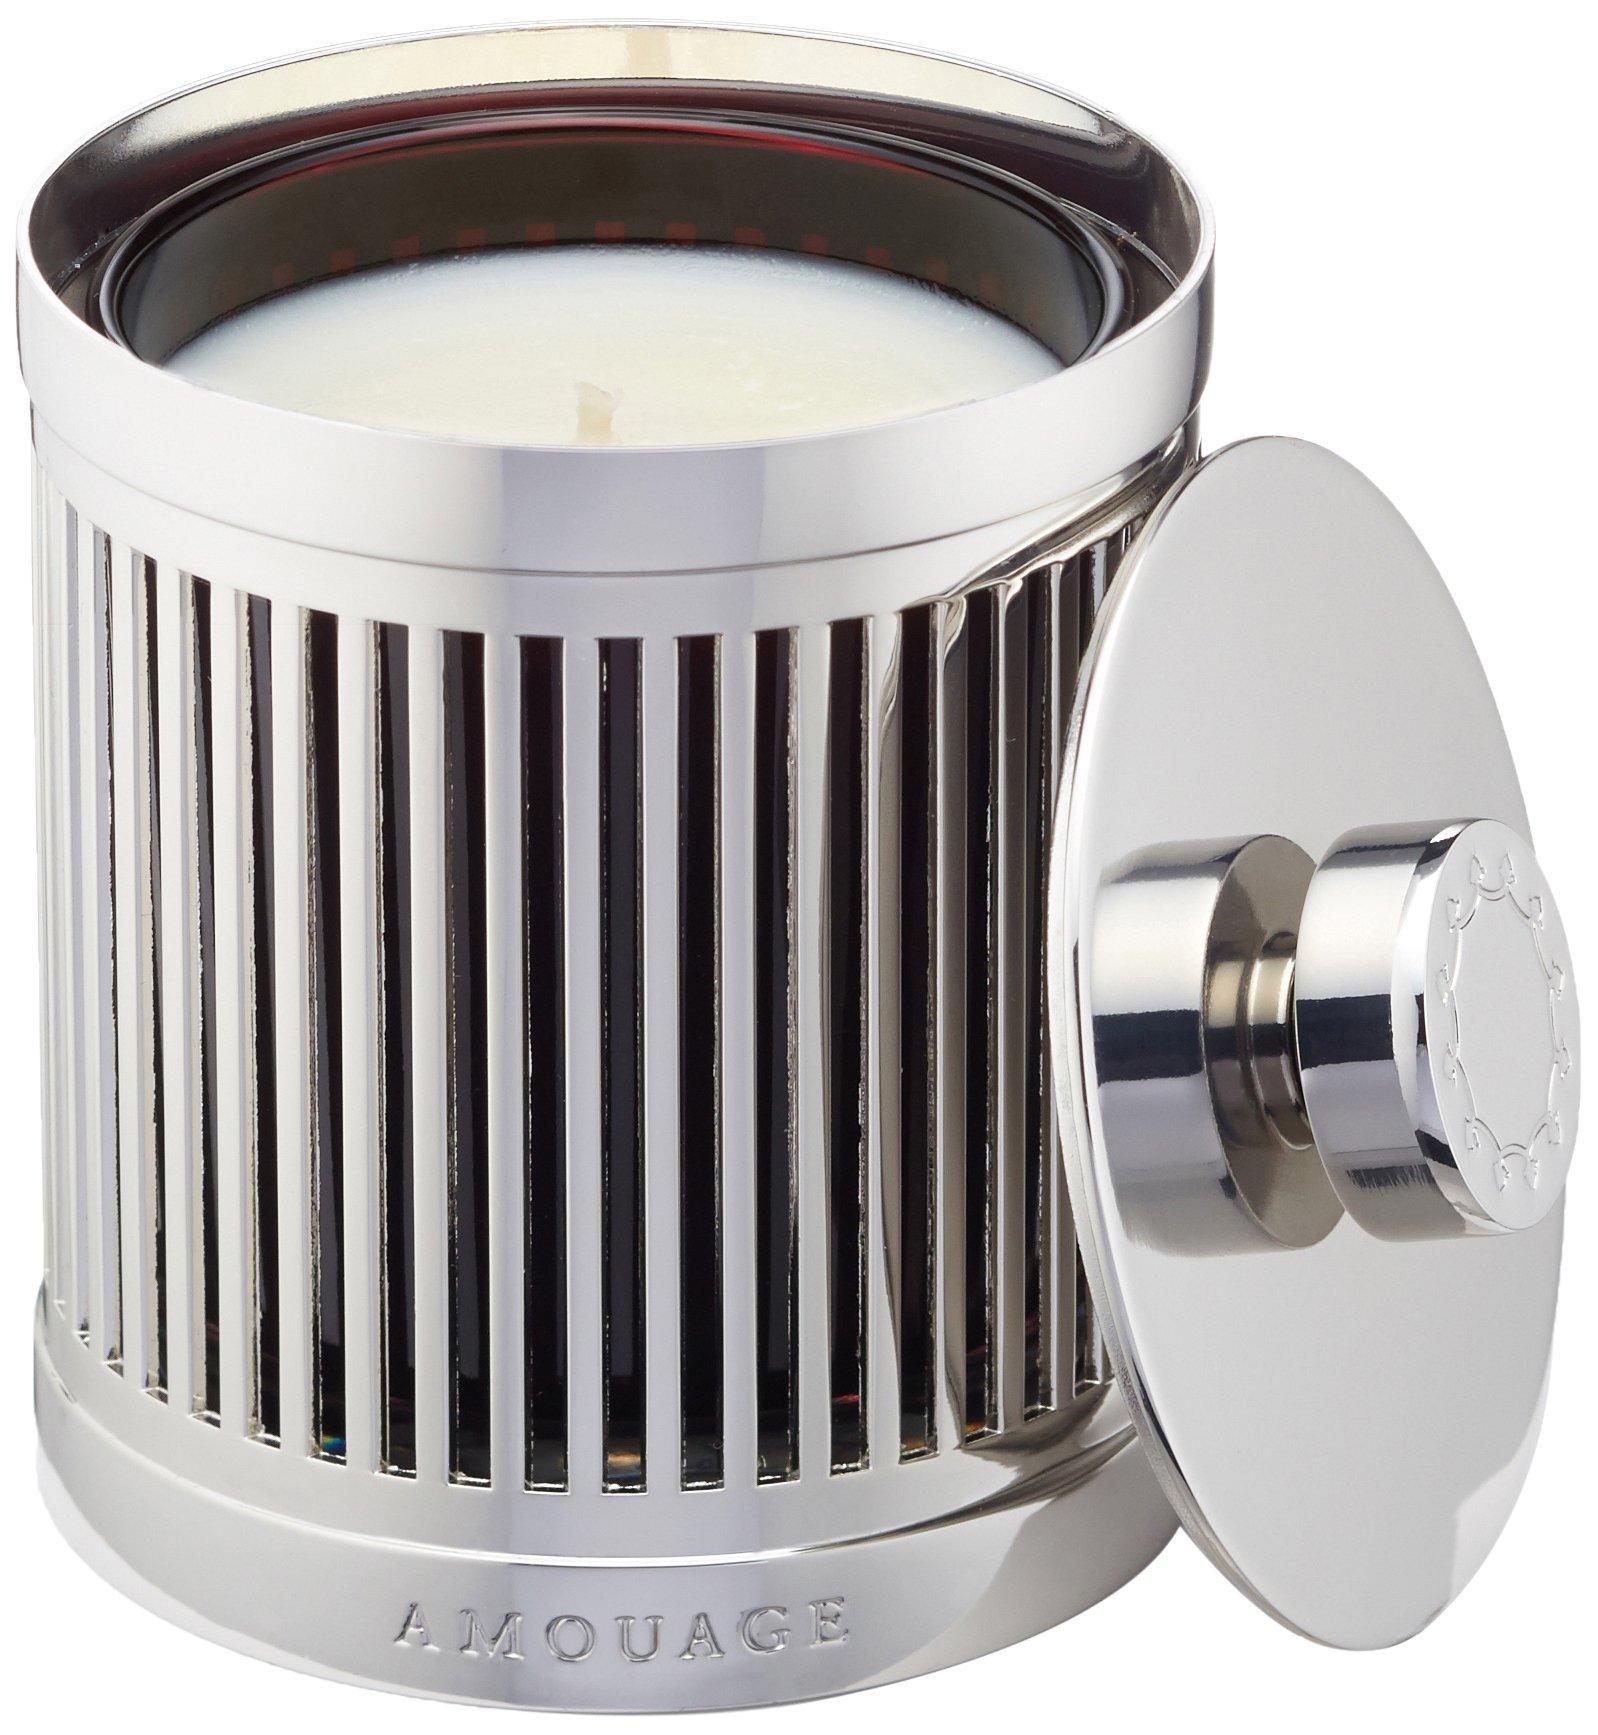 AMOUAGE Lyric Men's Candle Fragrance Set, 6.9 oz.